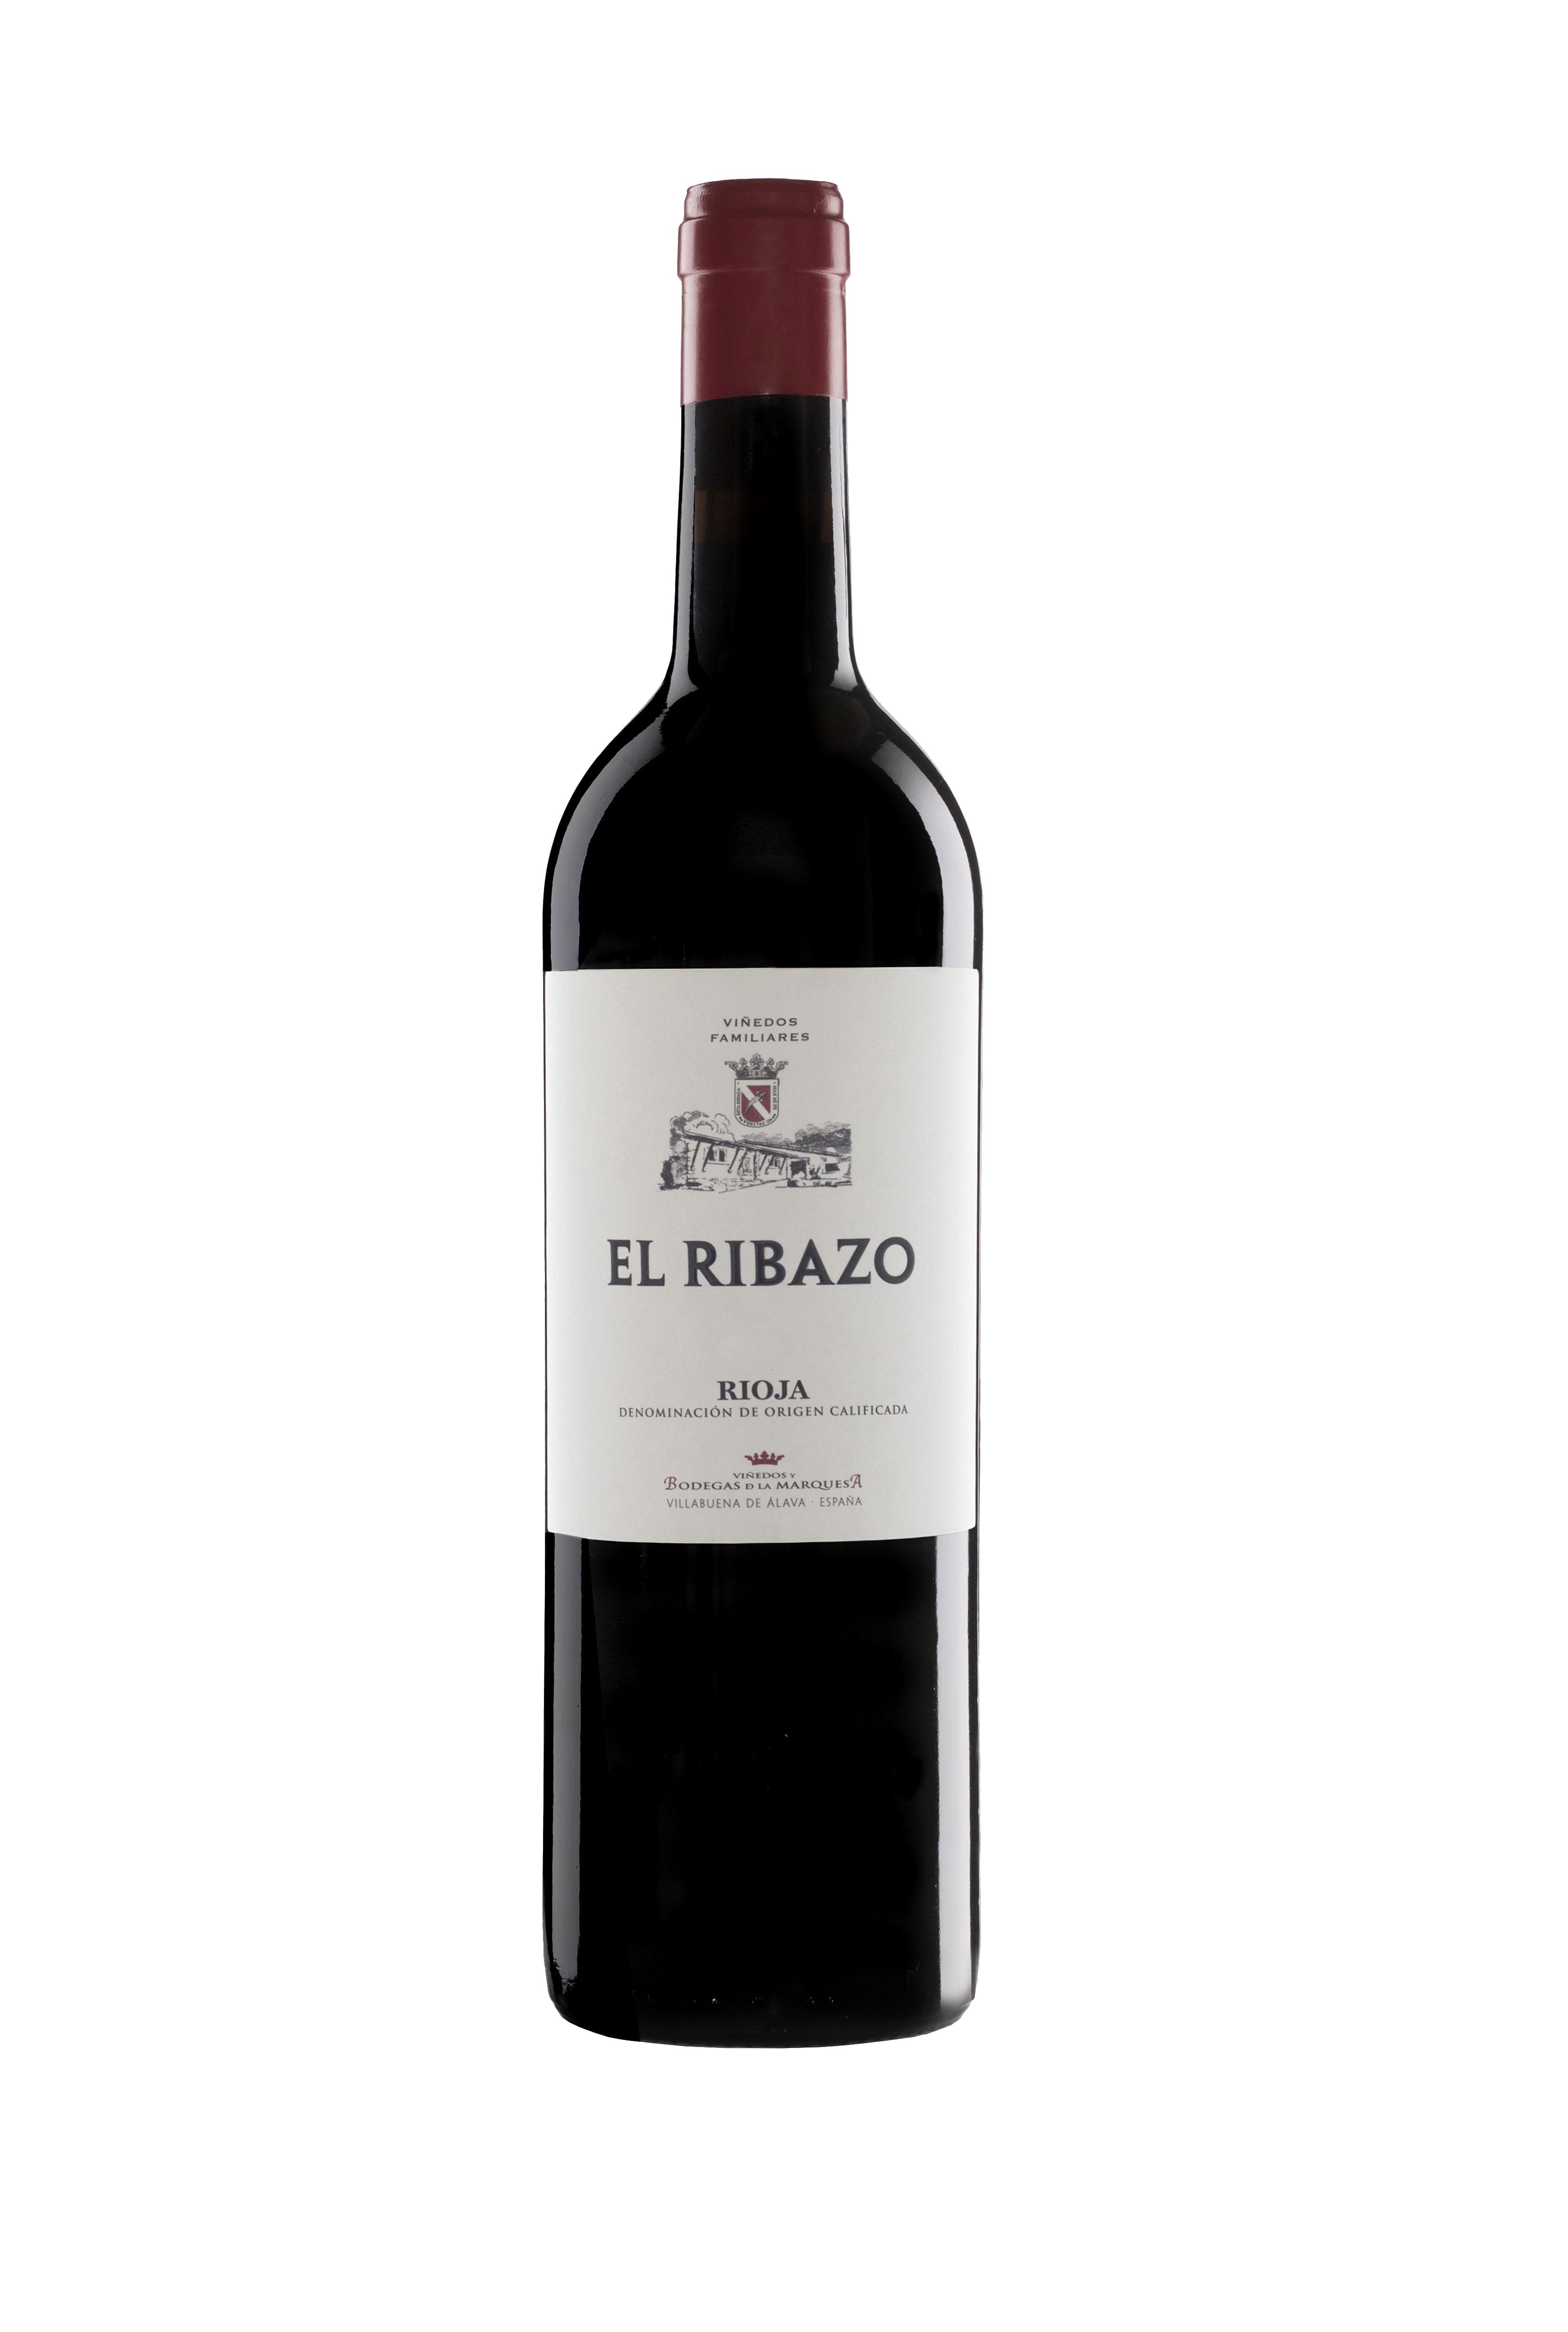 El Ribazo 2014